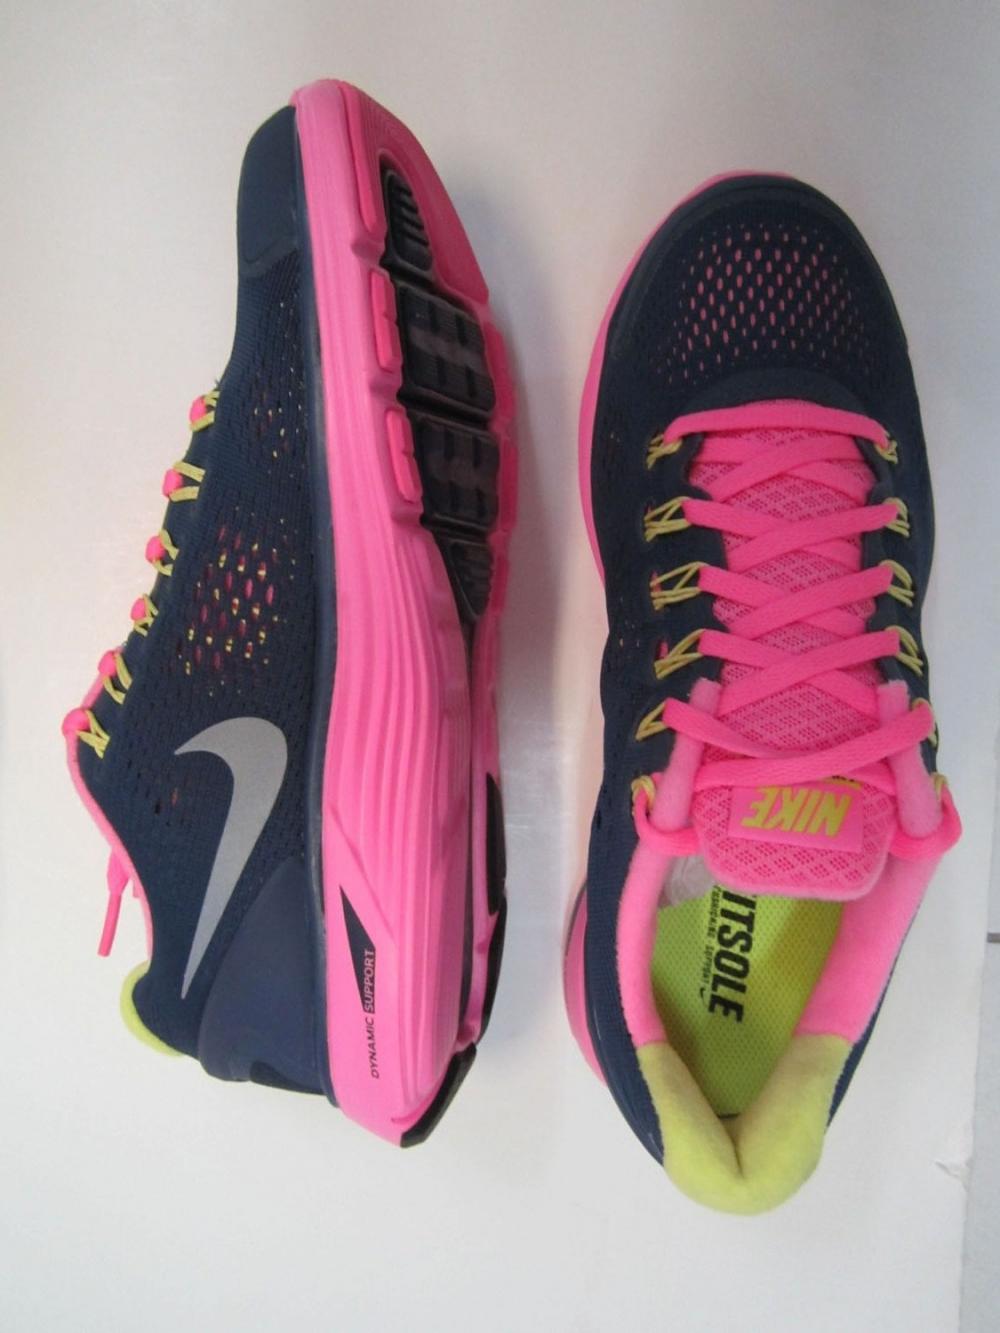 Megérkeztek a tavaszi nyári Nike Lunarglide+ 4 és Air Pegasus 29 futócipők  - Futanet.hu 3ea923bb6e